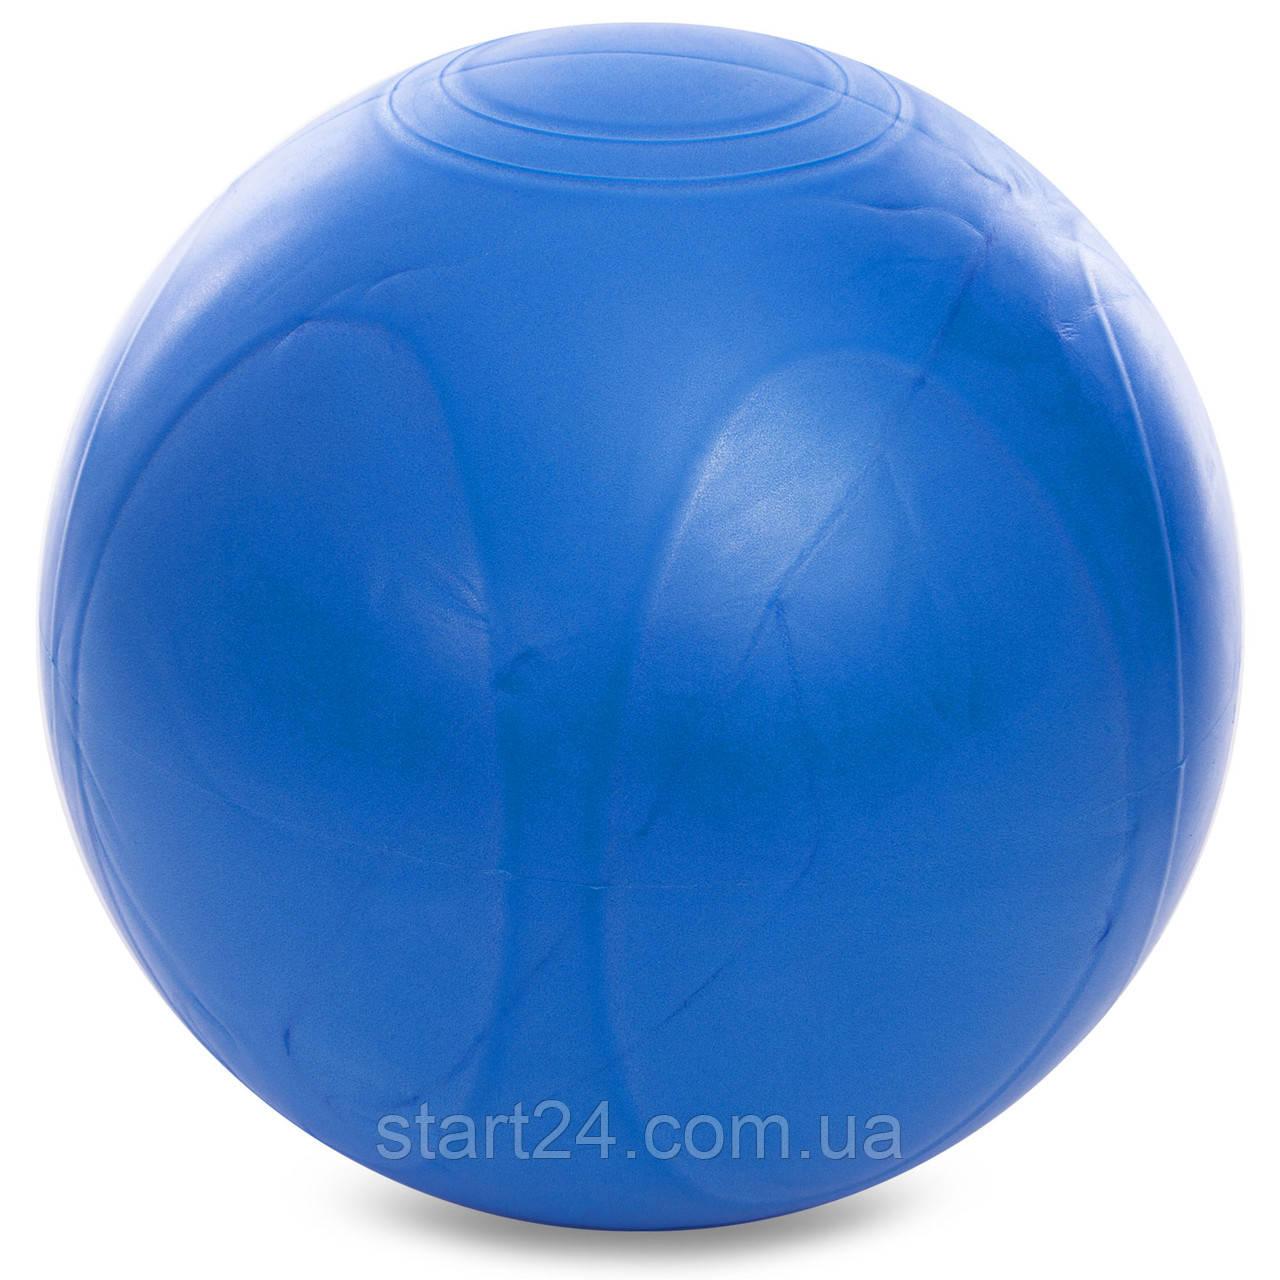 Мяч для фитнеса (фитбол) гладкий сатин 65см PS GB-300-65 (PVC,1300г, синий, ABS технология)